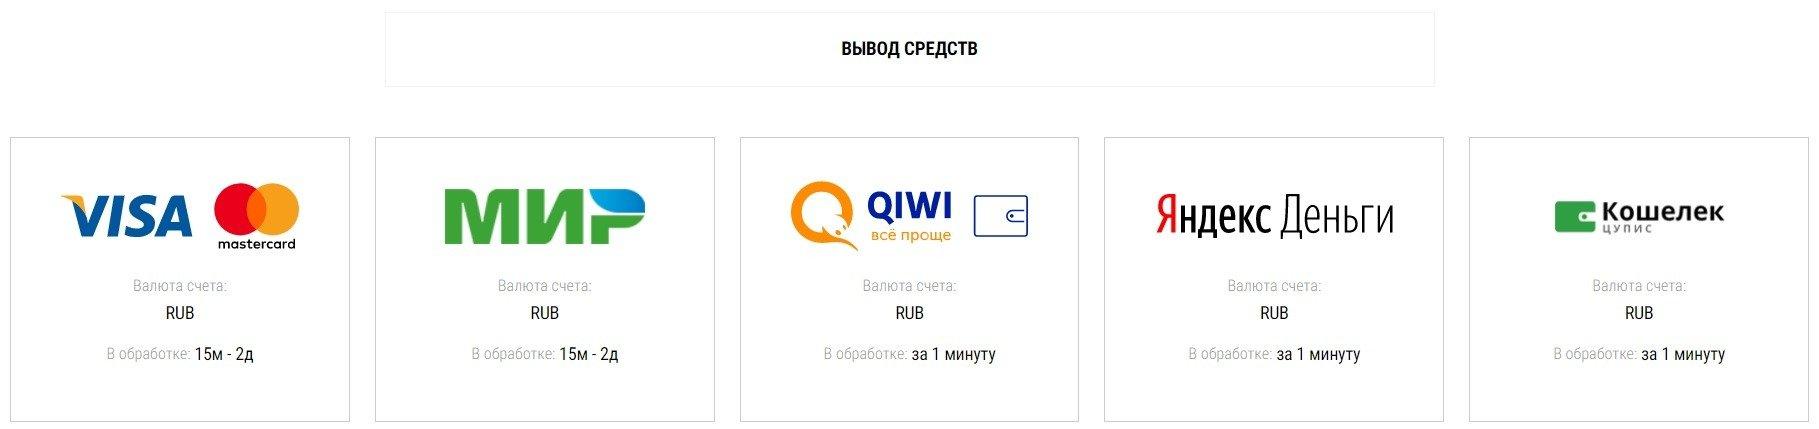 parimatch ru vyvod sredstv